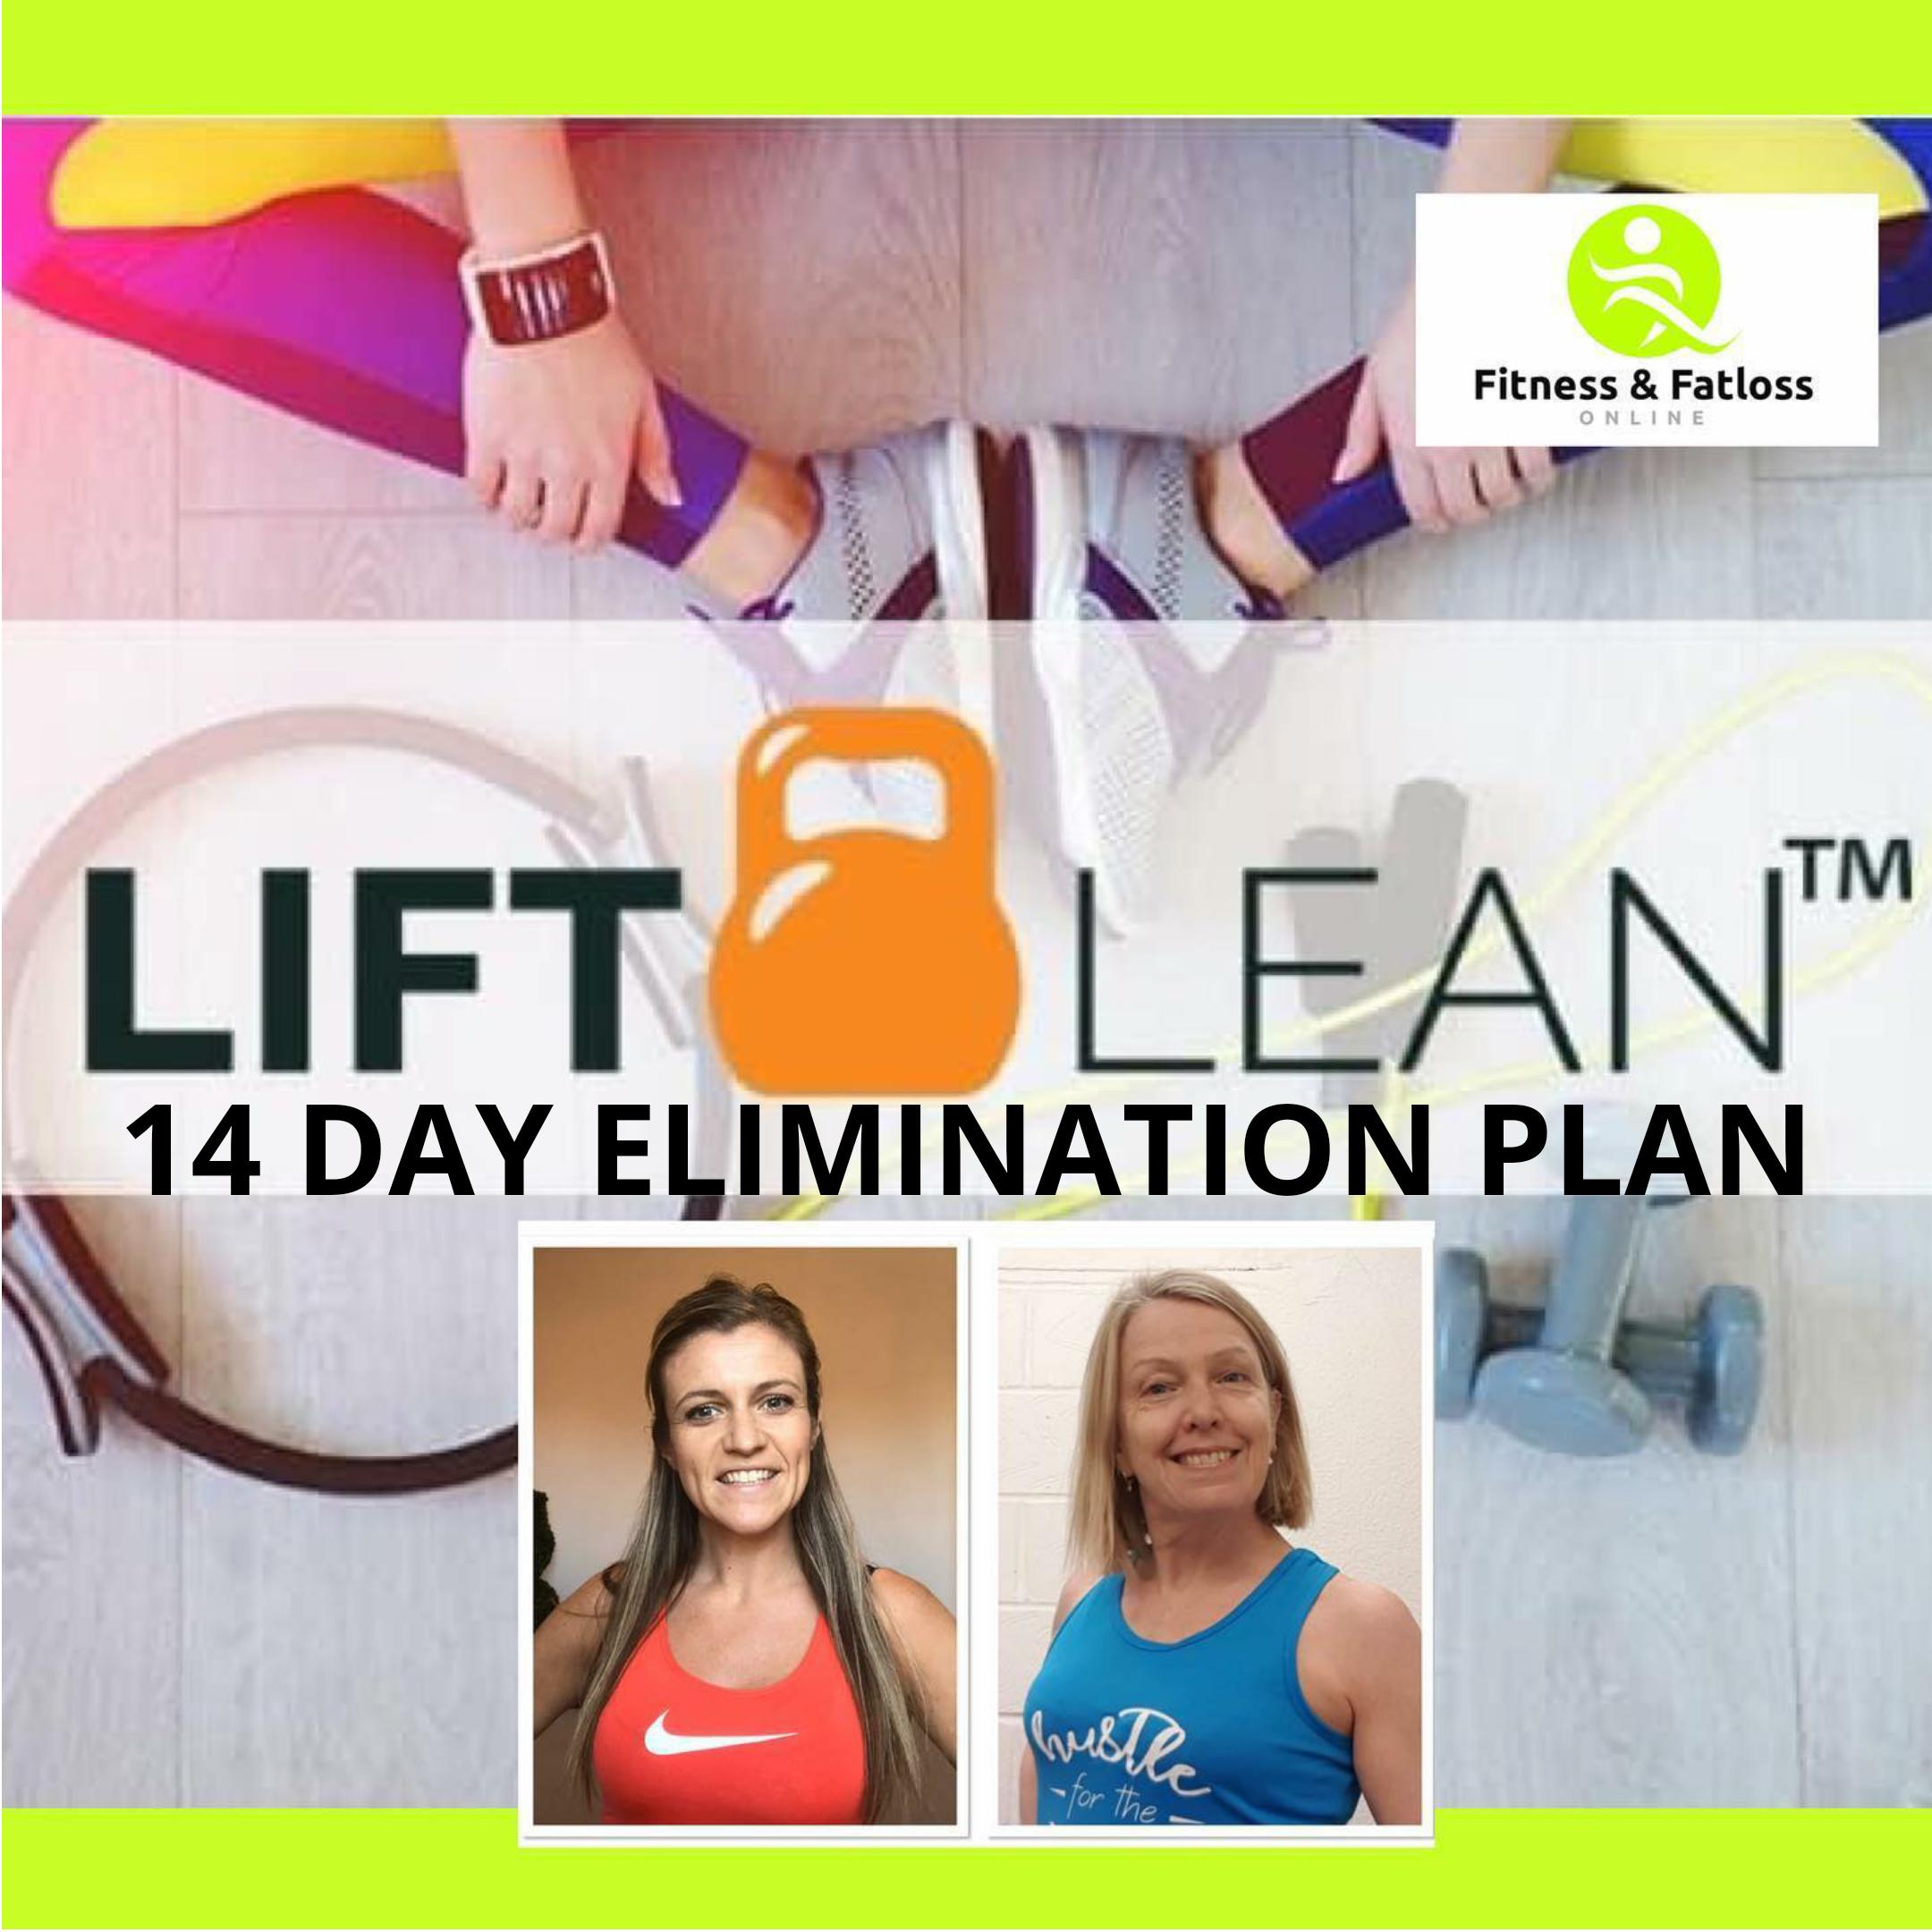 14 Days Elimination Program